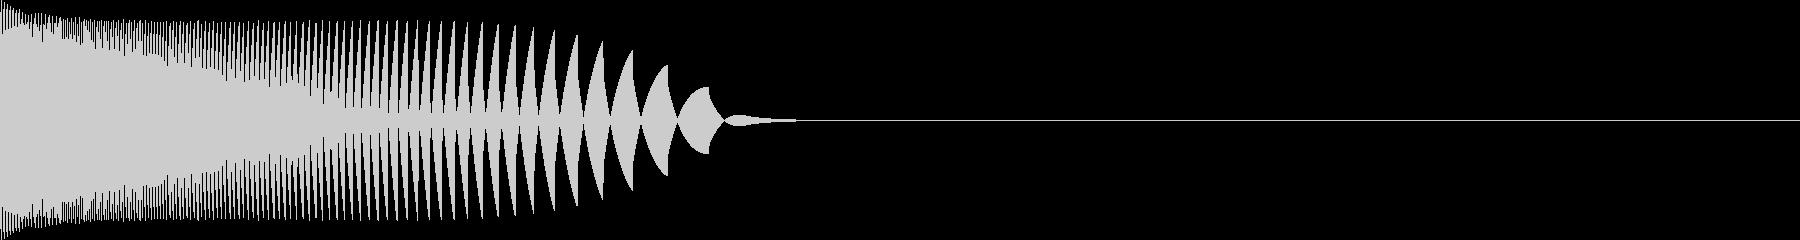 【チュン!】レーザー/ファミコン/レトロの未再生の波形